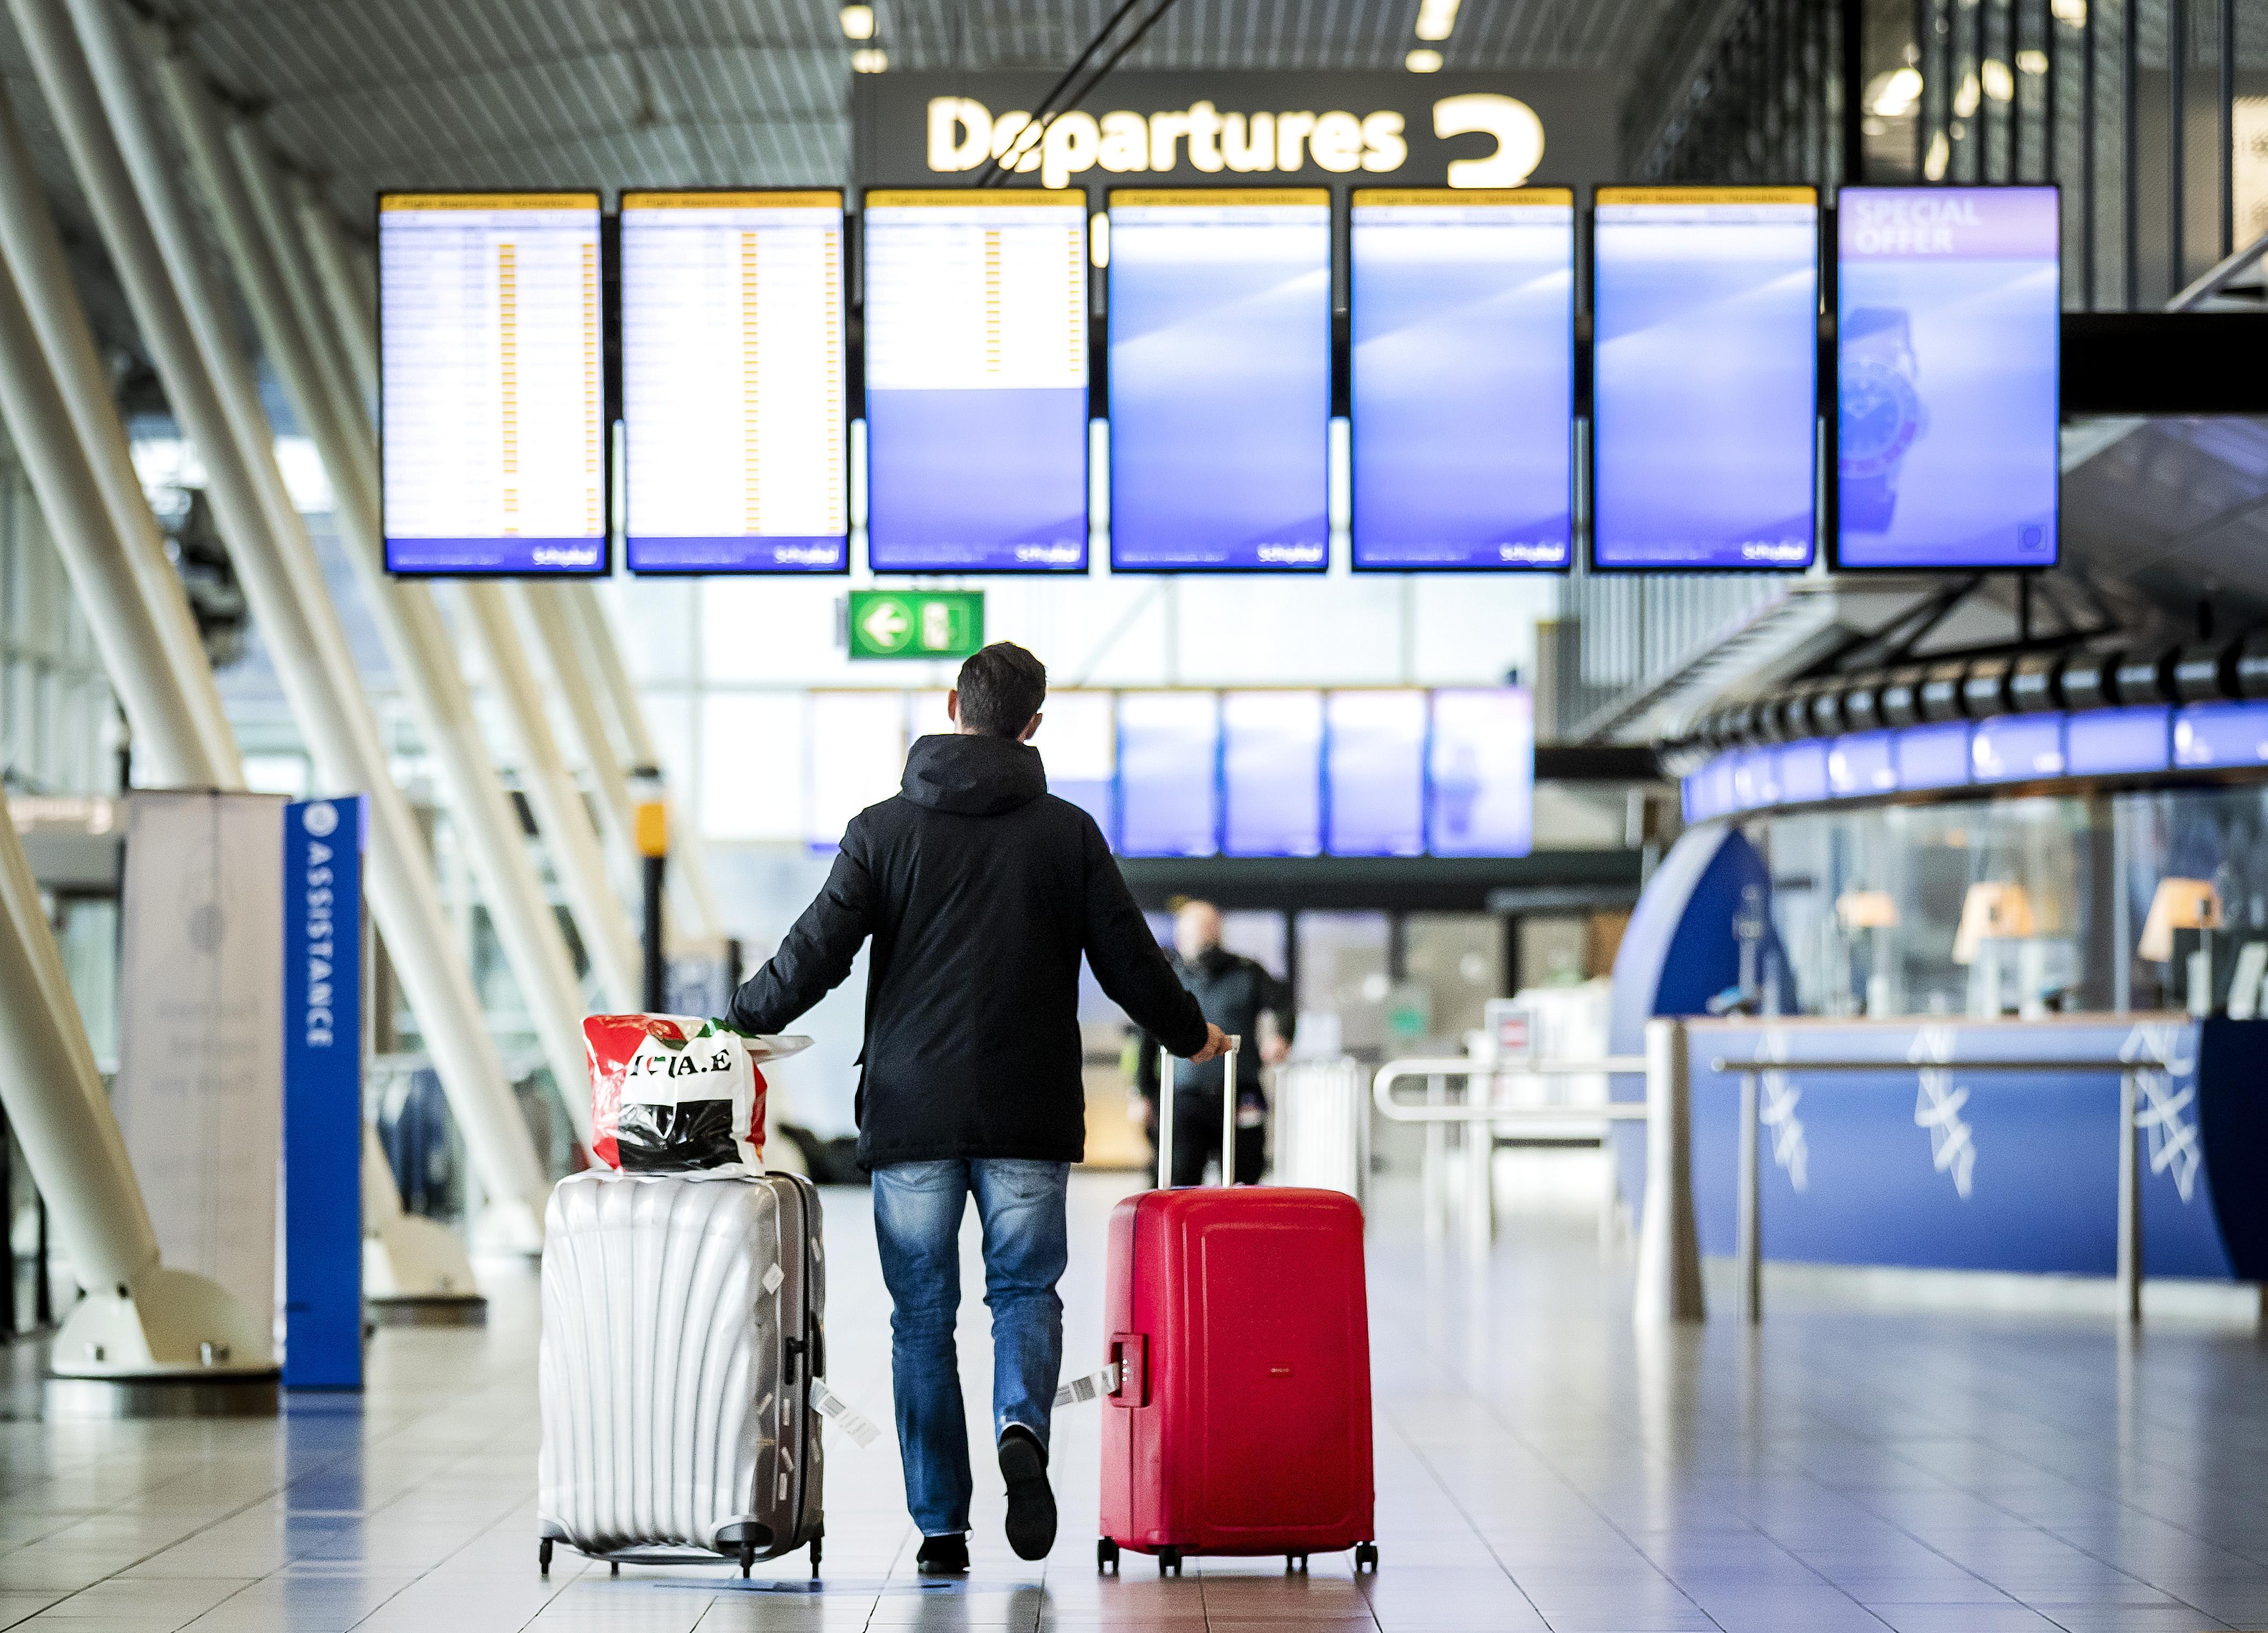 Luchtvaartdebat met twee kampen: Schiphol moet kleiner versus vliegen moet groener